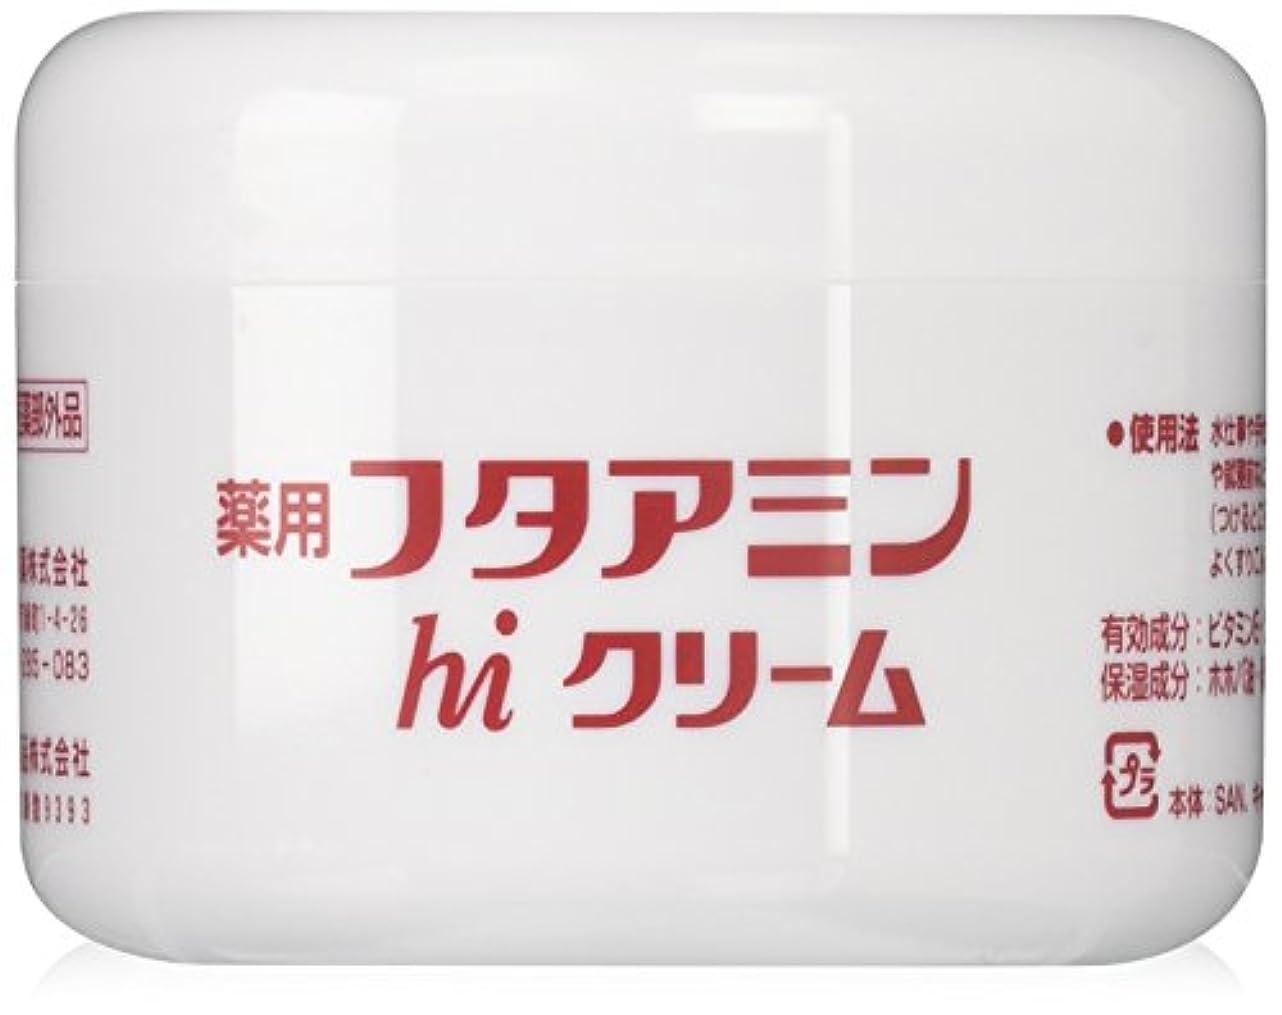 ヒゲ有利おとうさん薬用 フタアミンhiクリーム 130g  3個セット 3gサンプル2個付